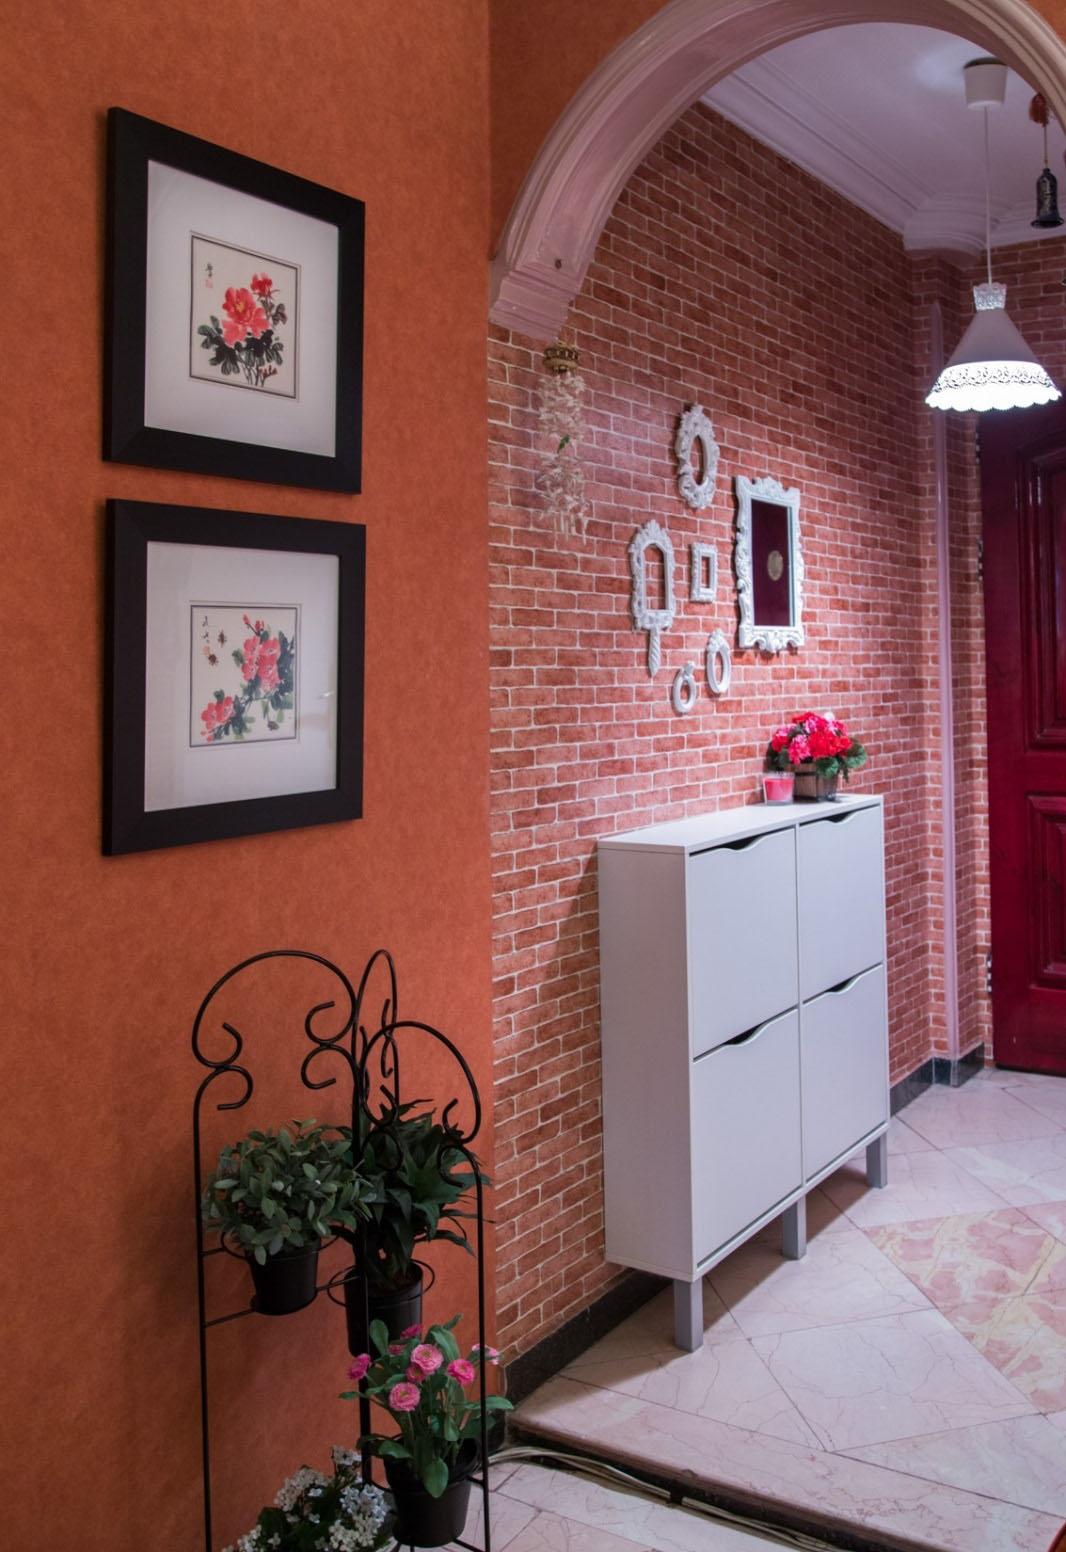 تغییر دکوراسیون منزل با ایده هایی بسیار ساده و شیک+تصاویر